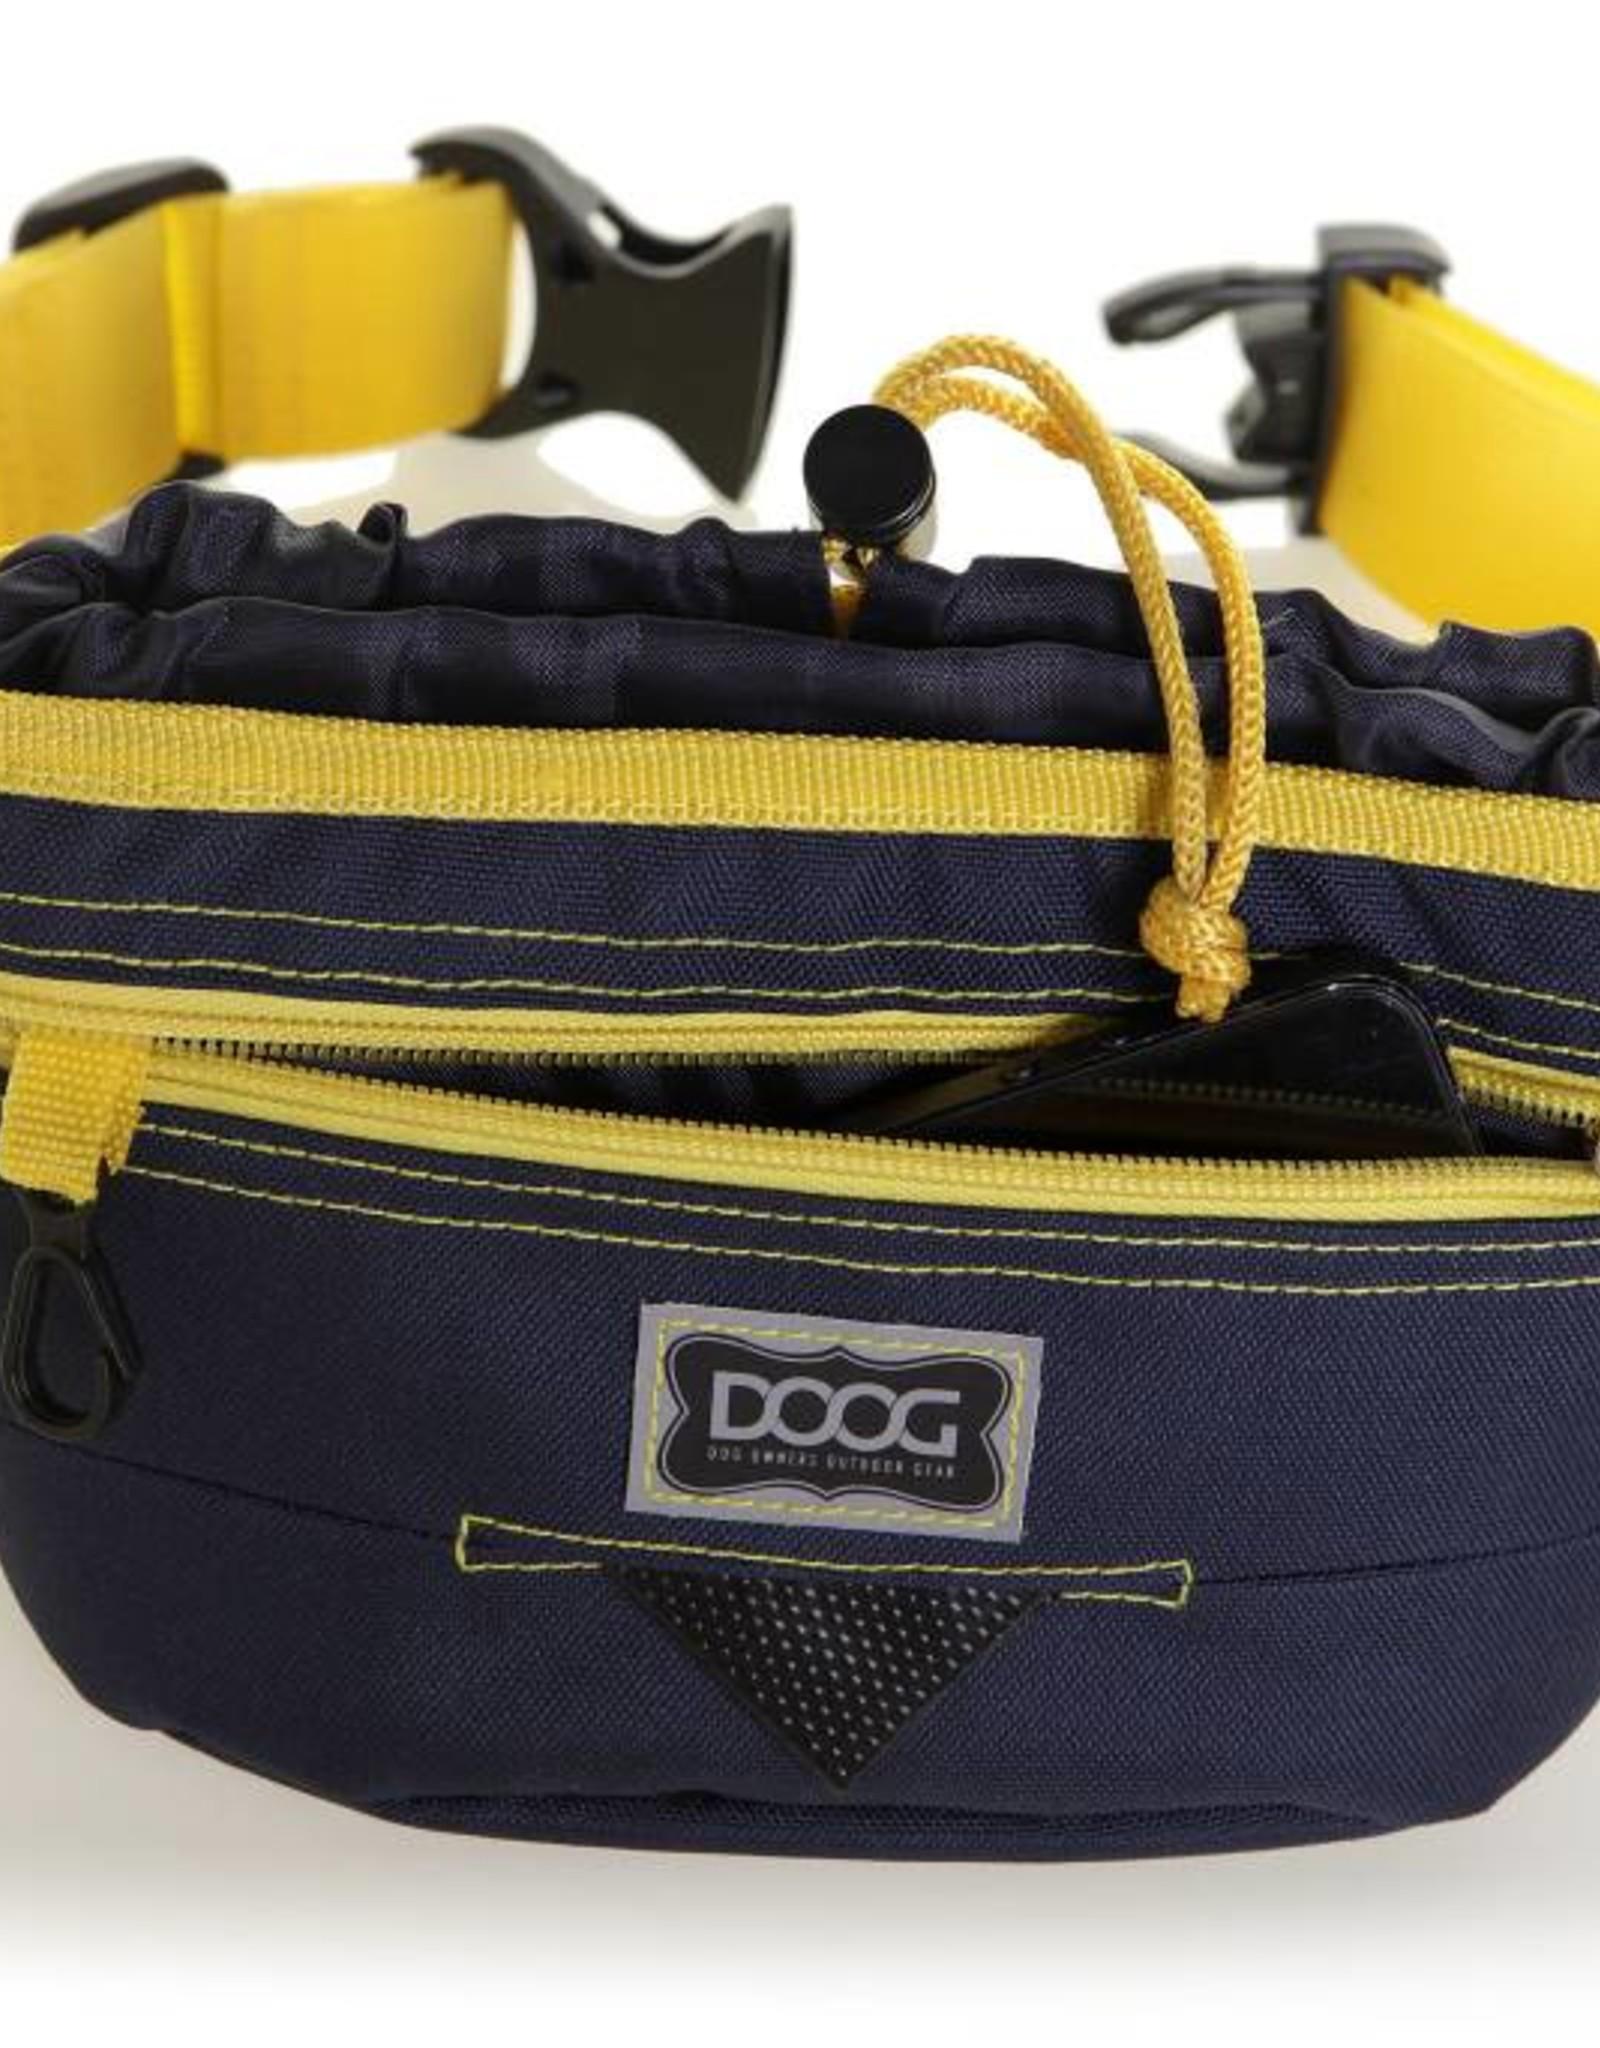 DOOG Doog | Treat Pouches